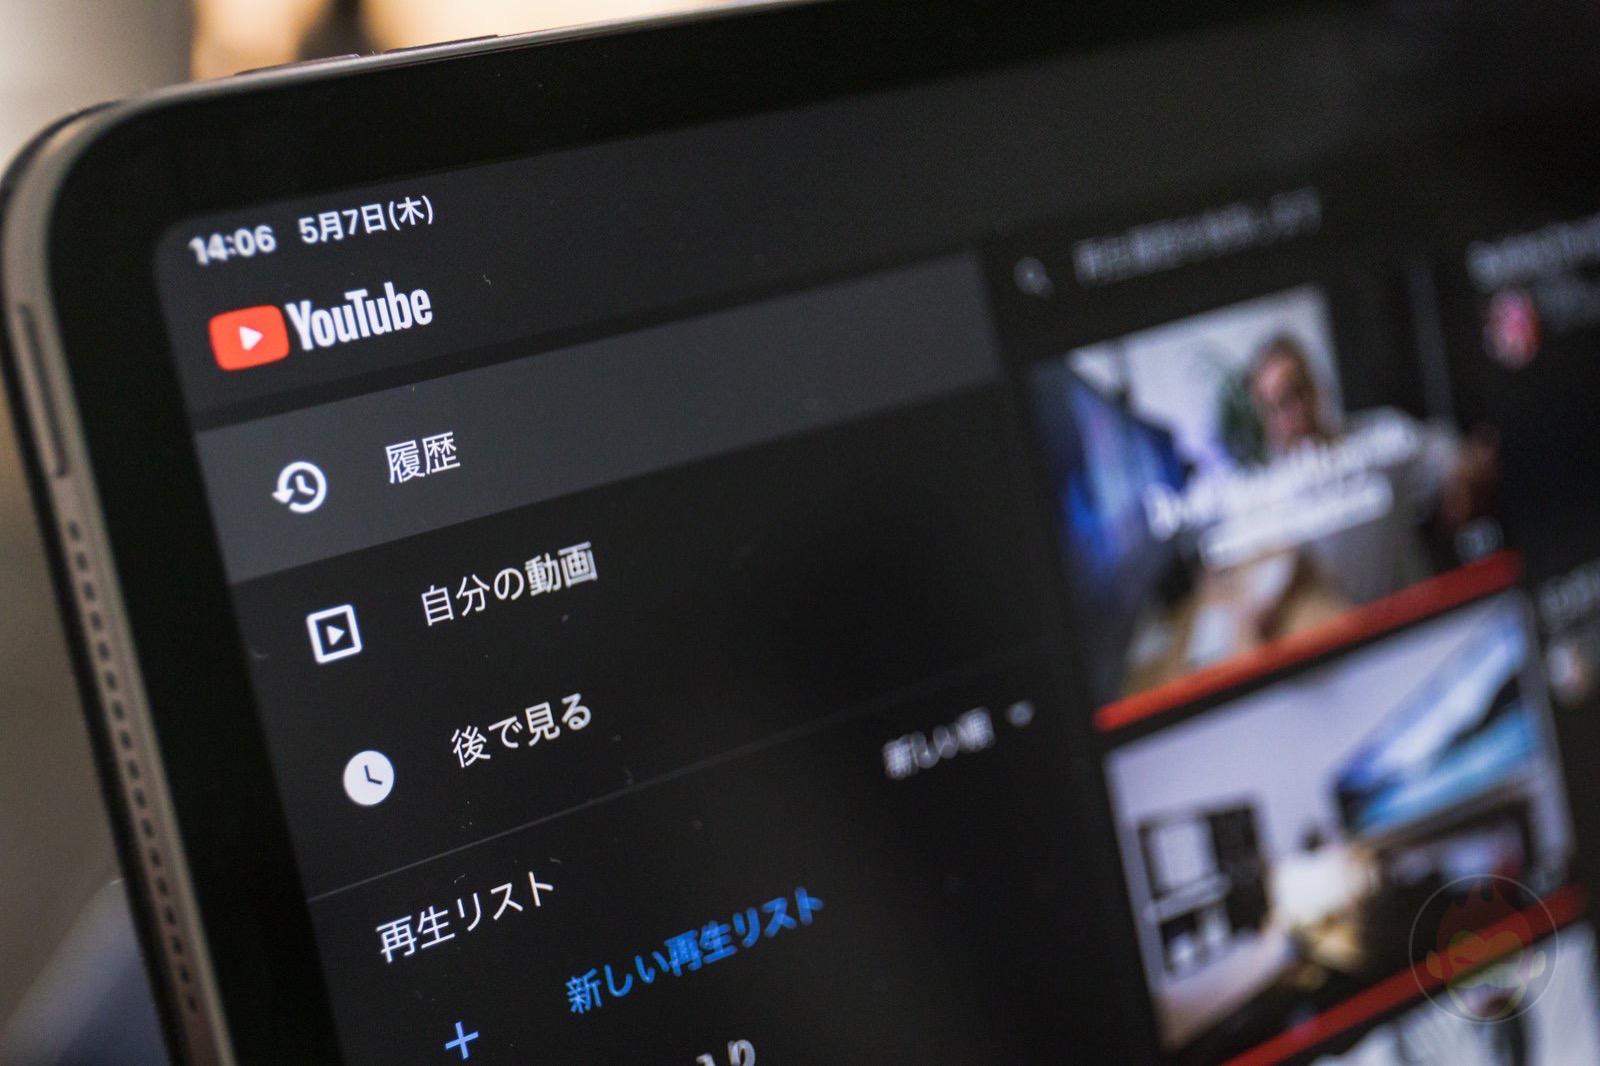 YouTube App History 01